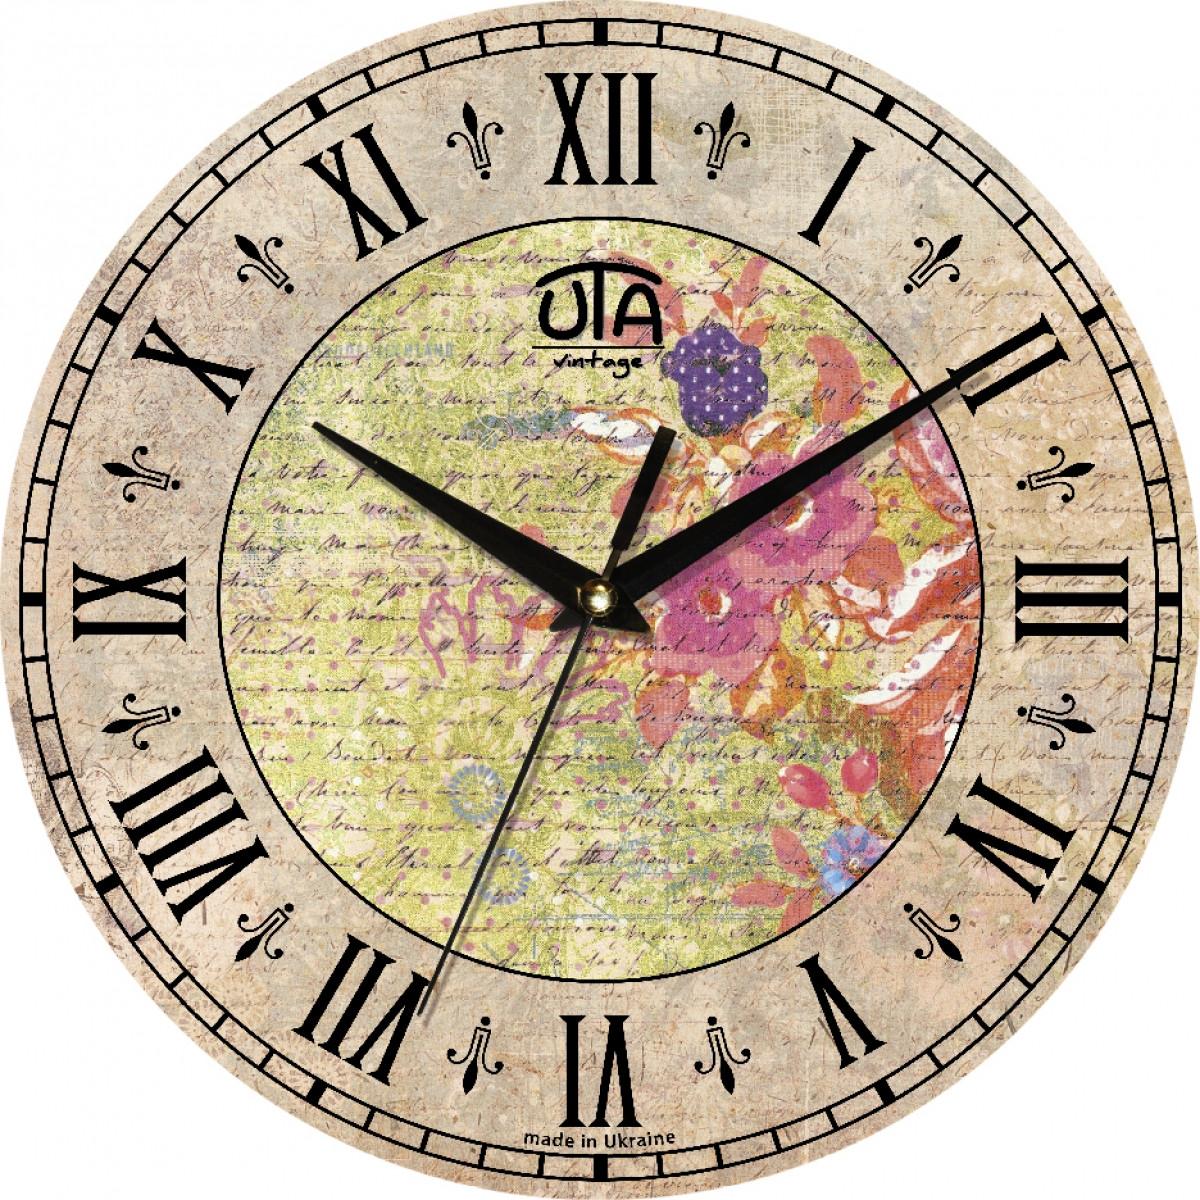 Часы настенные UTA Vintage 330 х 330 х 27 мм Абстракция с цветами